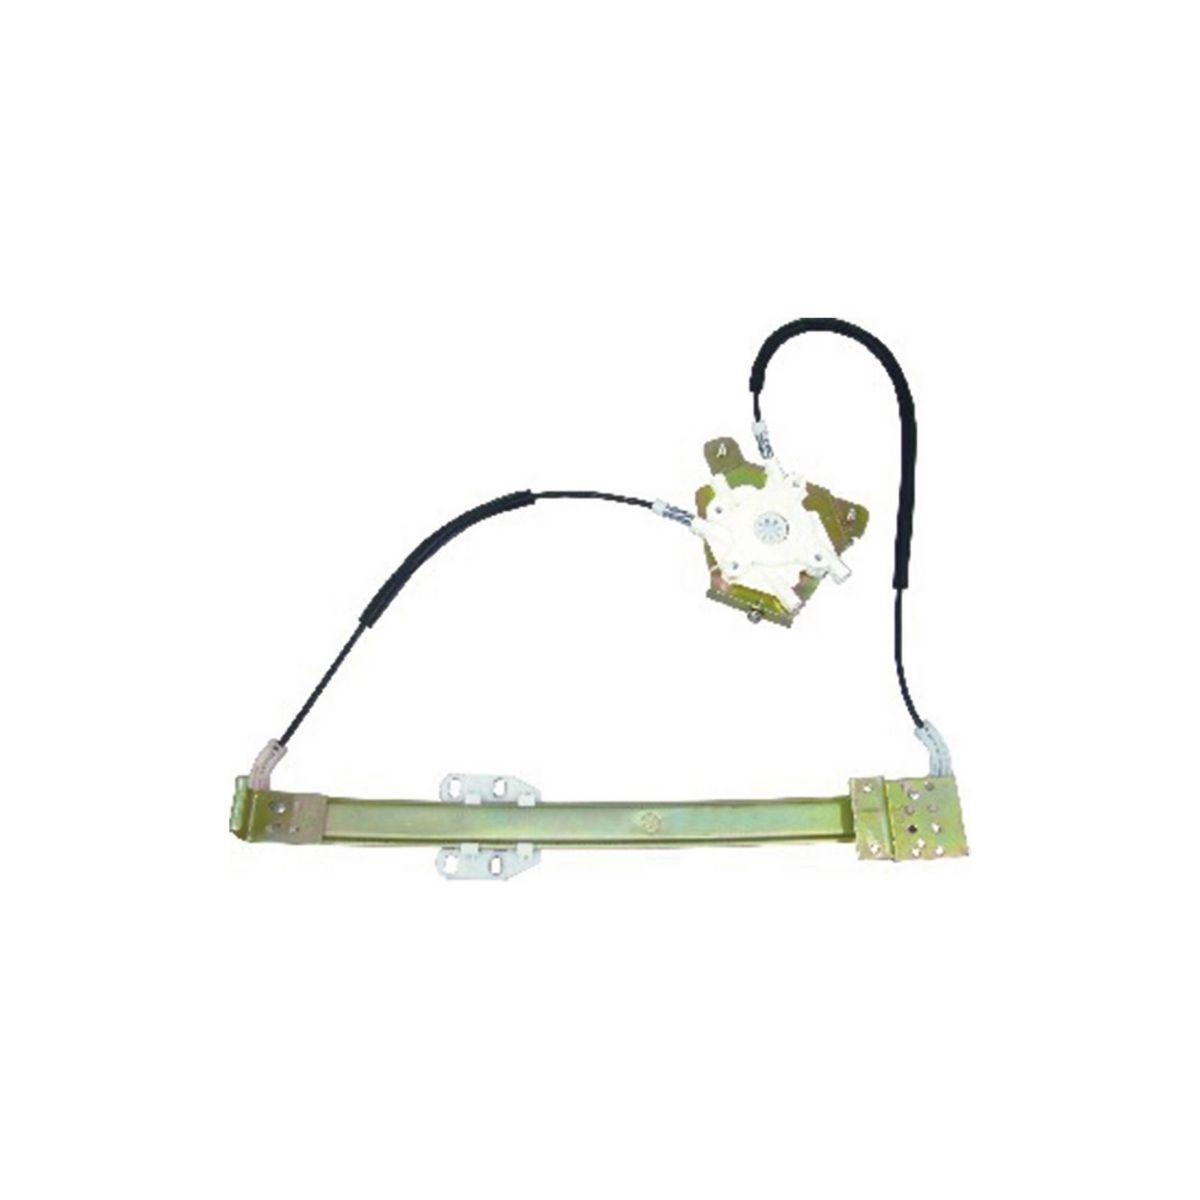 Máquina Vidro Elétrica Dianteira Esquerda Gol 80/94 Mabuchi